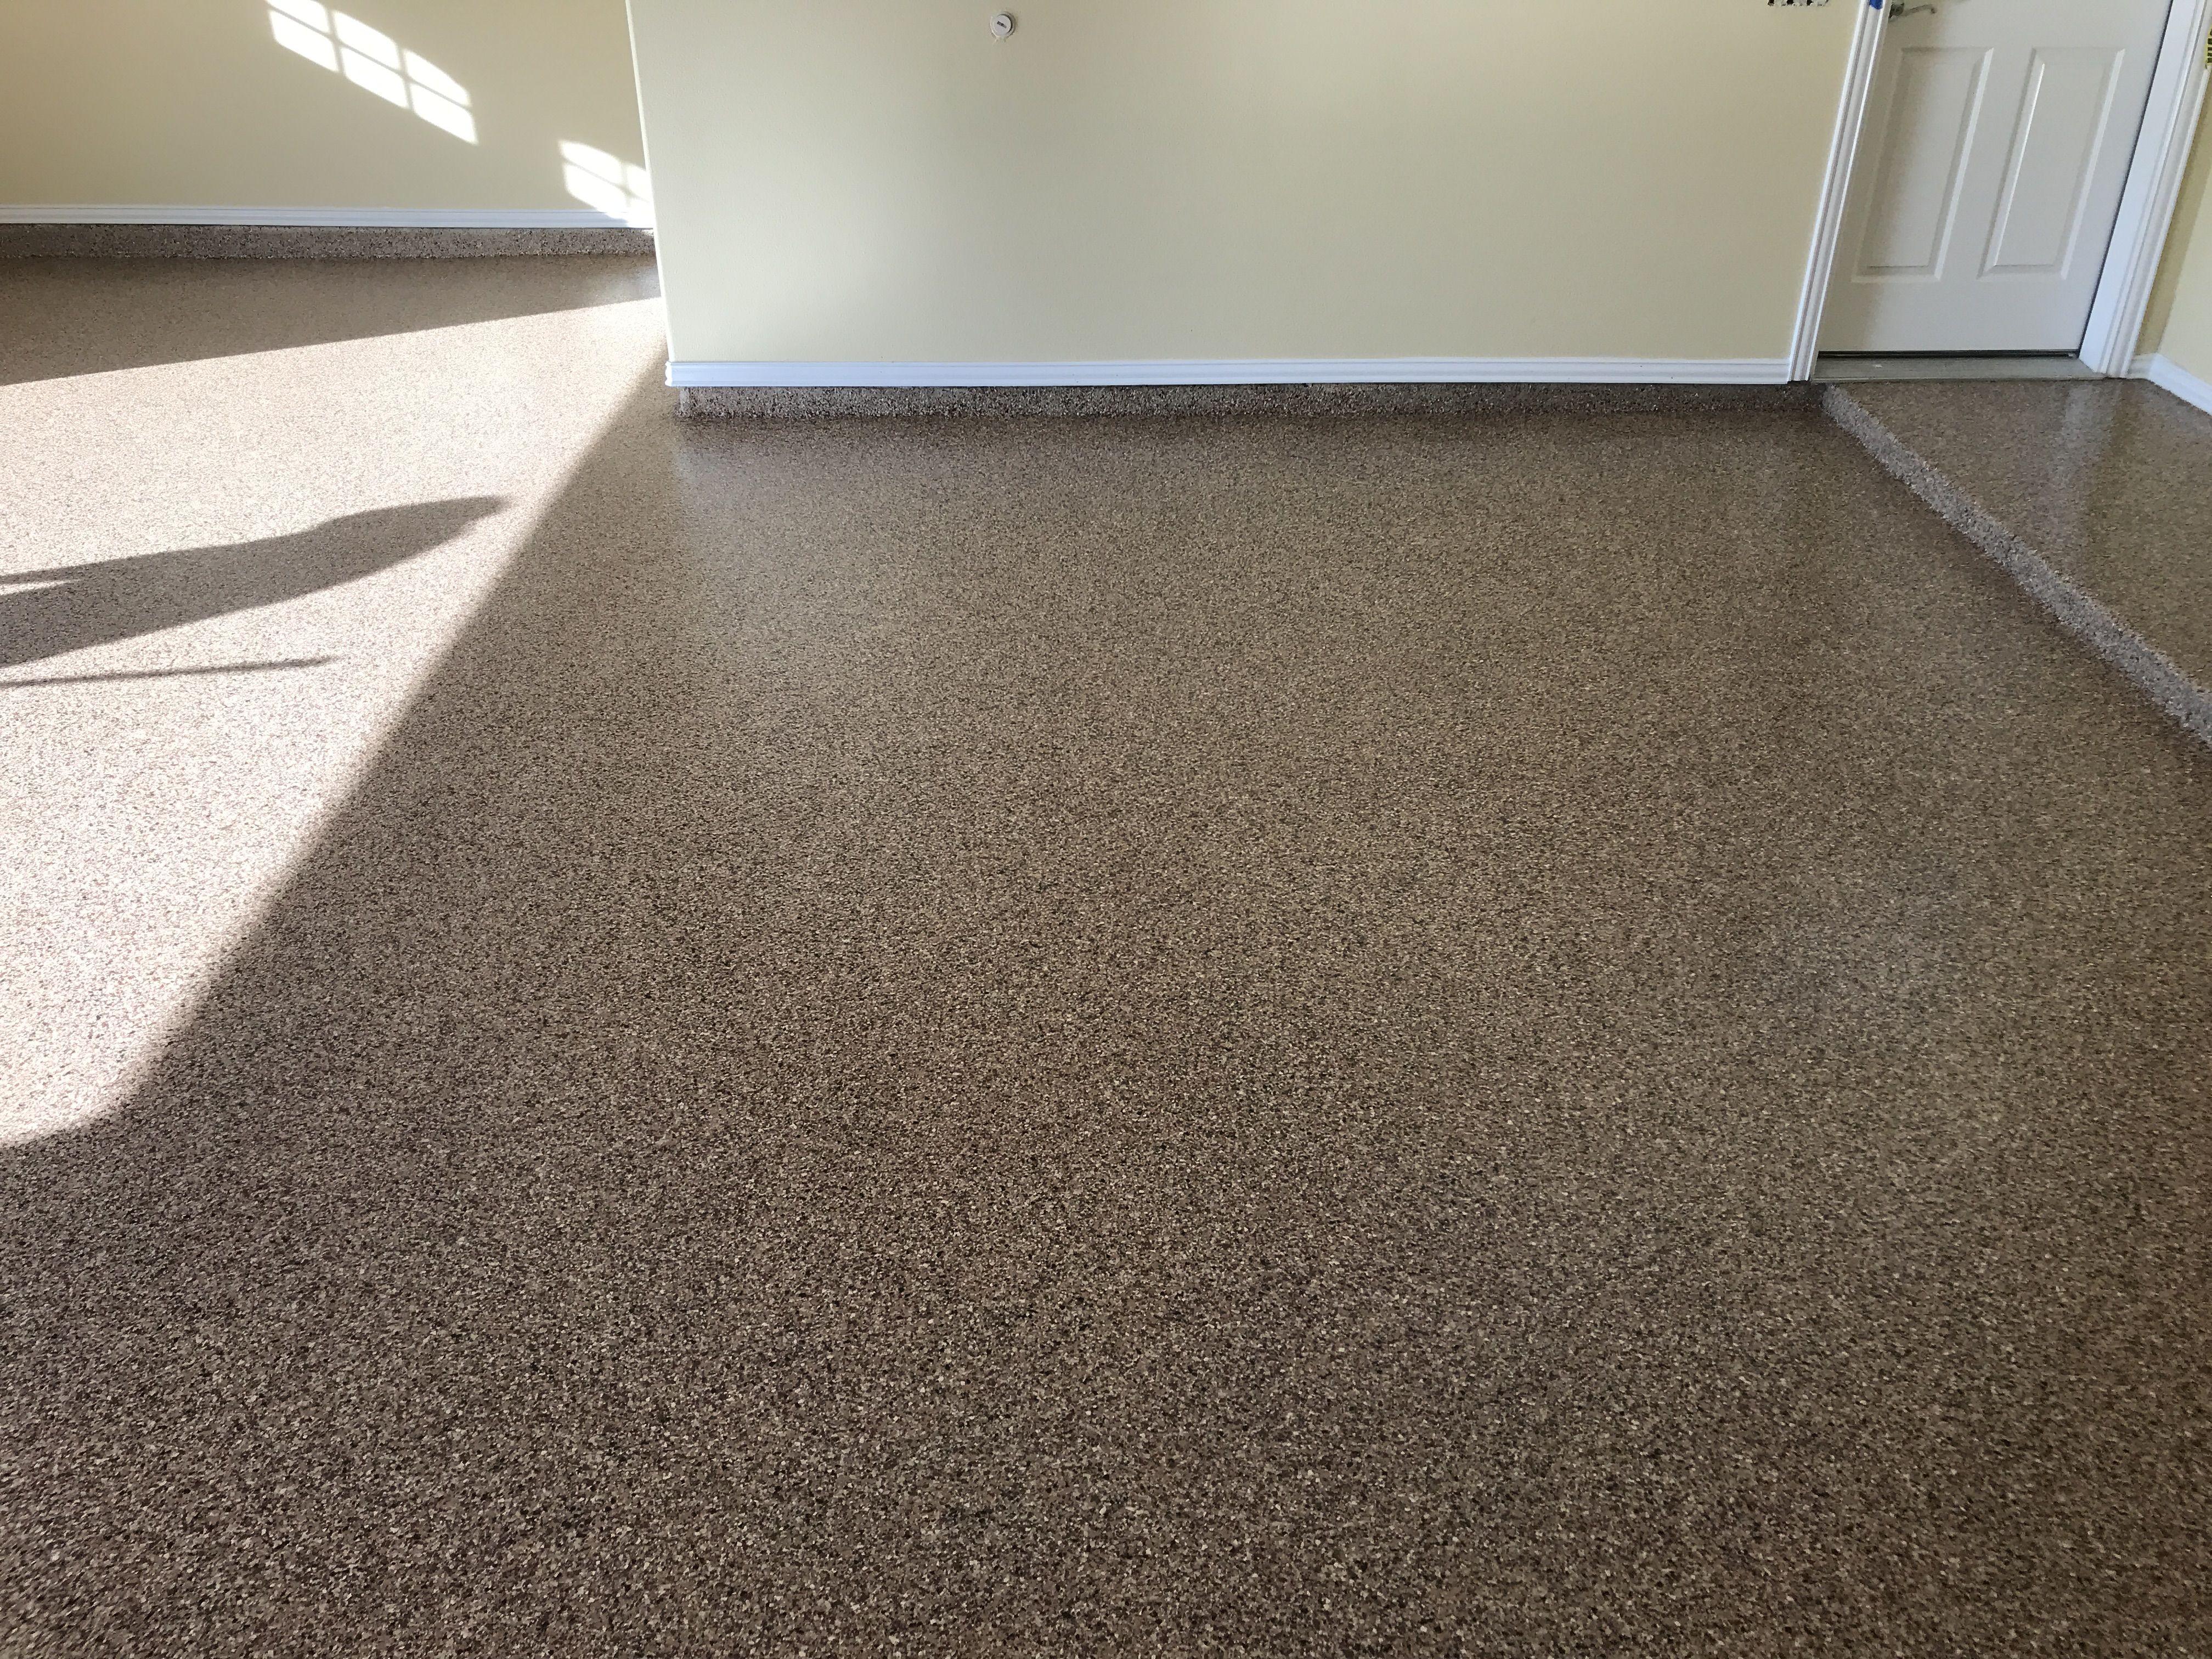 Commercial Garage 6009 Epoxy Base 5500 Polyaspartic Topcoat Floor Coating System In 2020 Epoxy Floor Epoxy Floor Coating Industrial Floor Paint